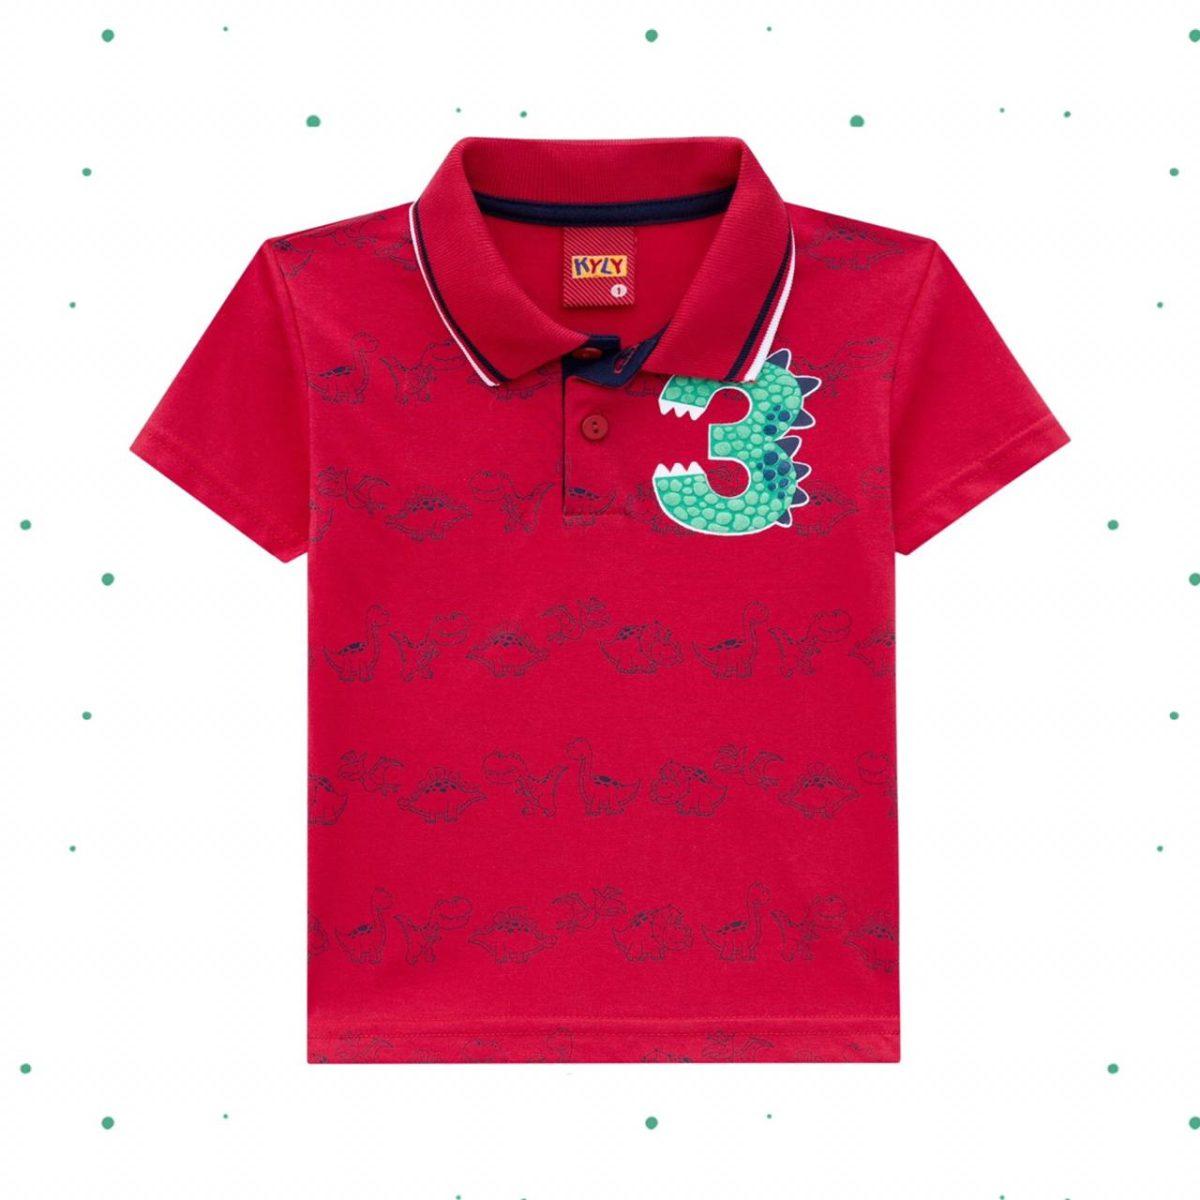 Camisa Polo Infantil Kyly Manga Curta em Algodão Vermelha